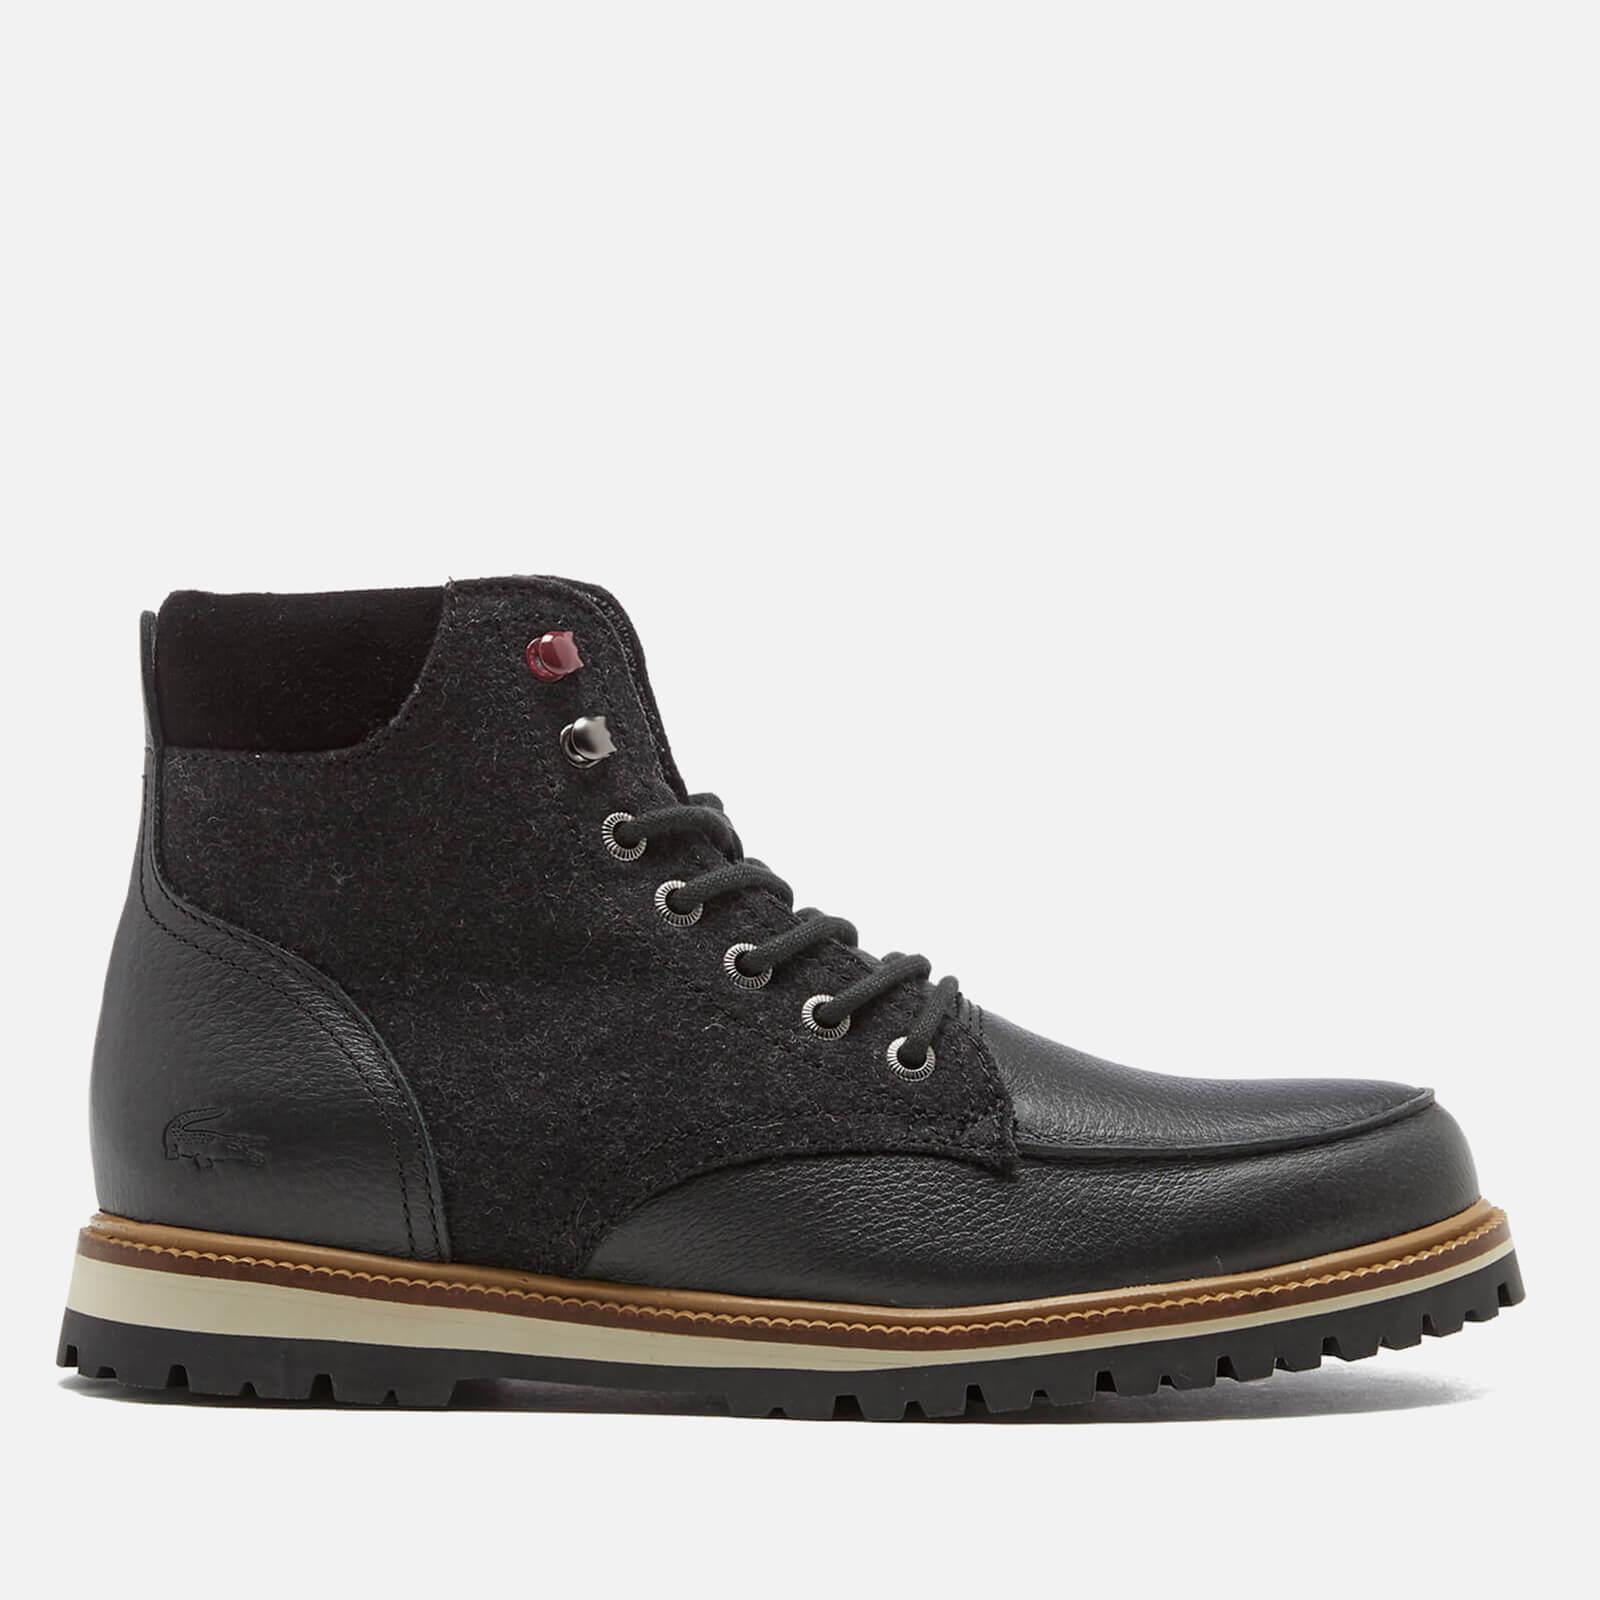 magasin en ligne 67f60 1a857 Lacoste Men's Montbard 316 Lace Up Boots - Black